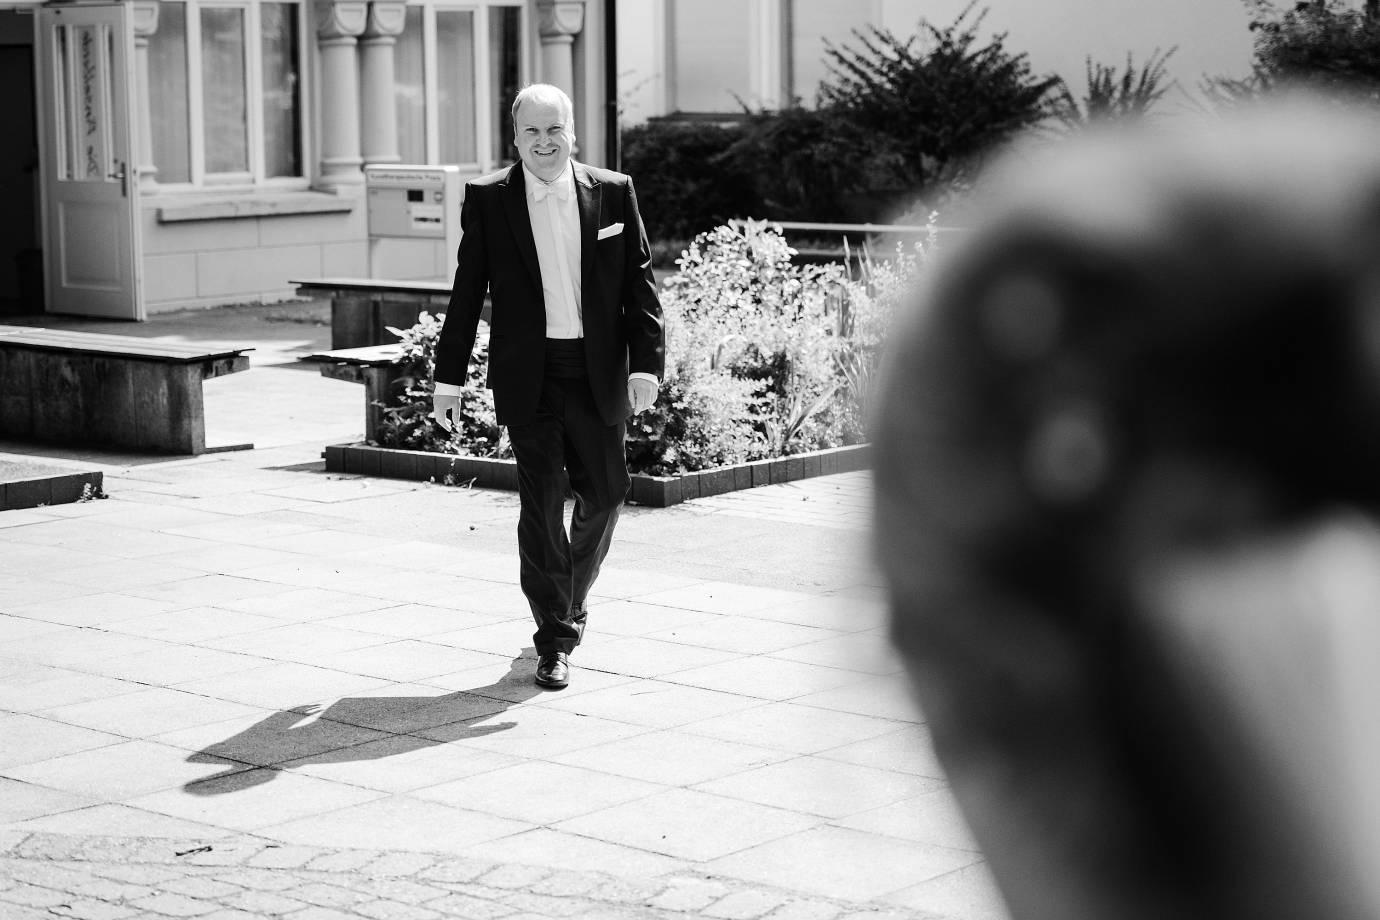 hochzeitsfotograf hannover 045 - Jutta+Patrick